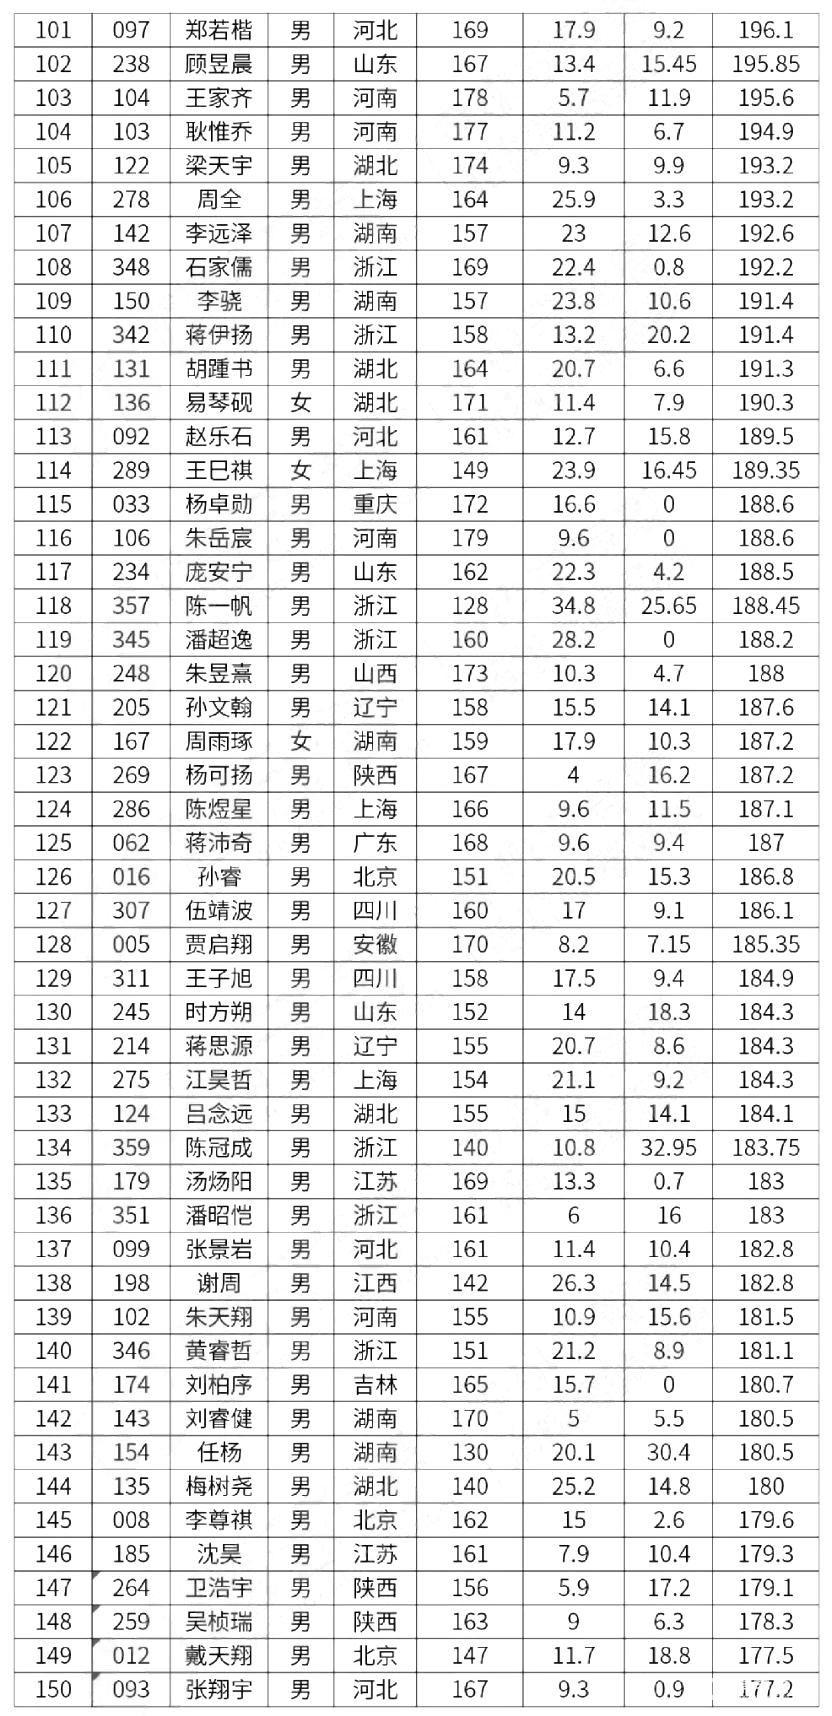 2018年第35屆全國中學生物理競賽決賽成績表公布,考生查詢